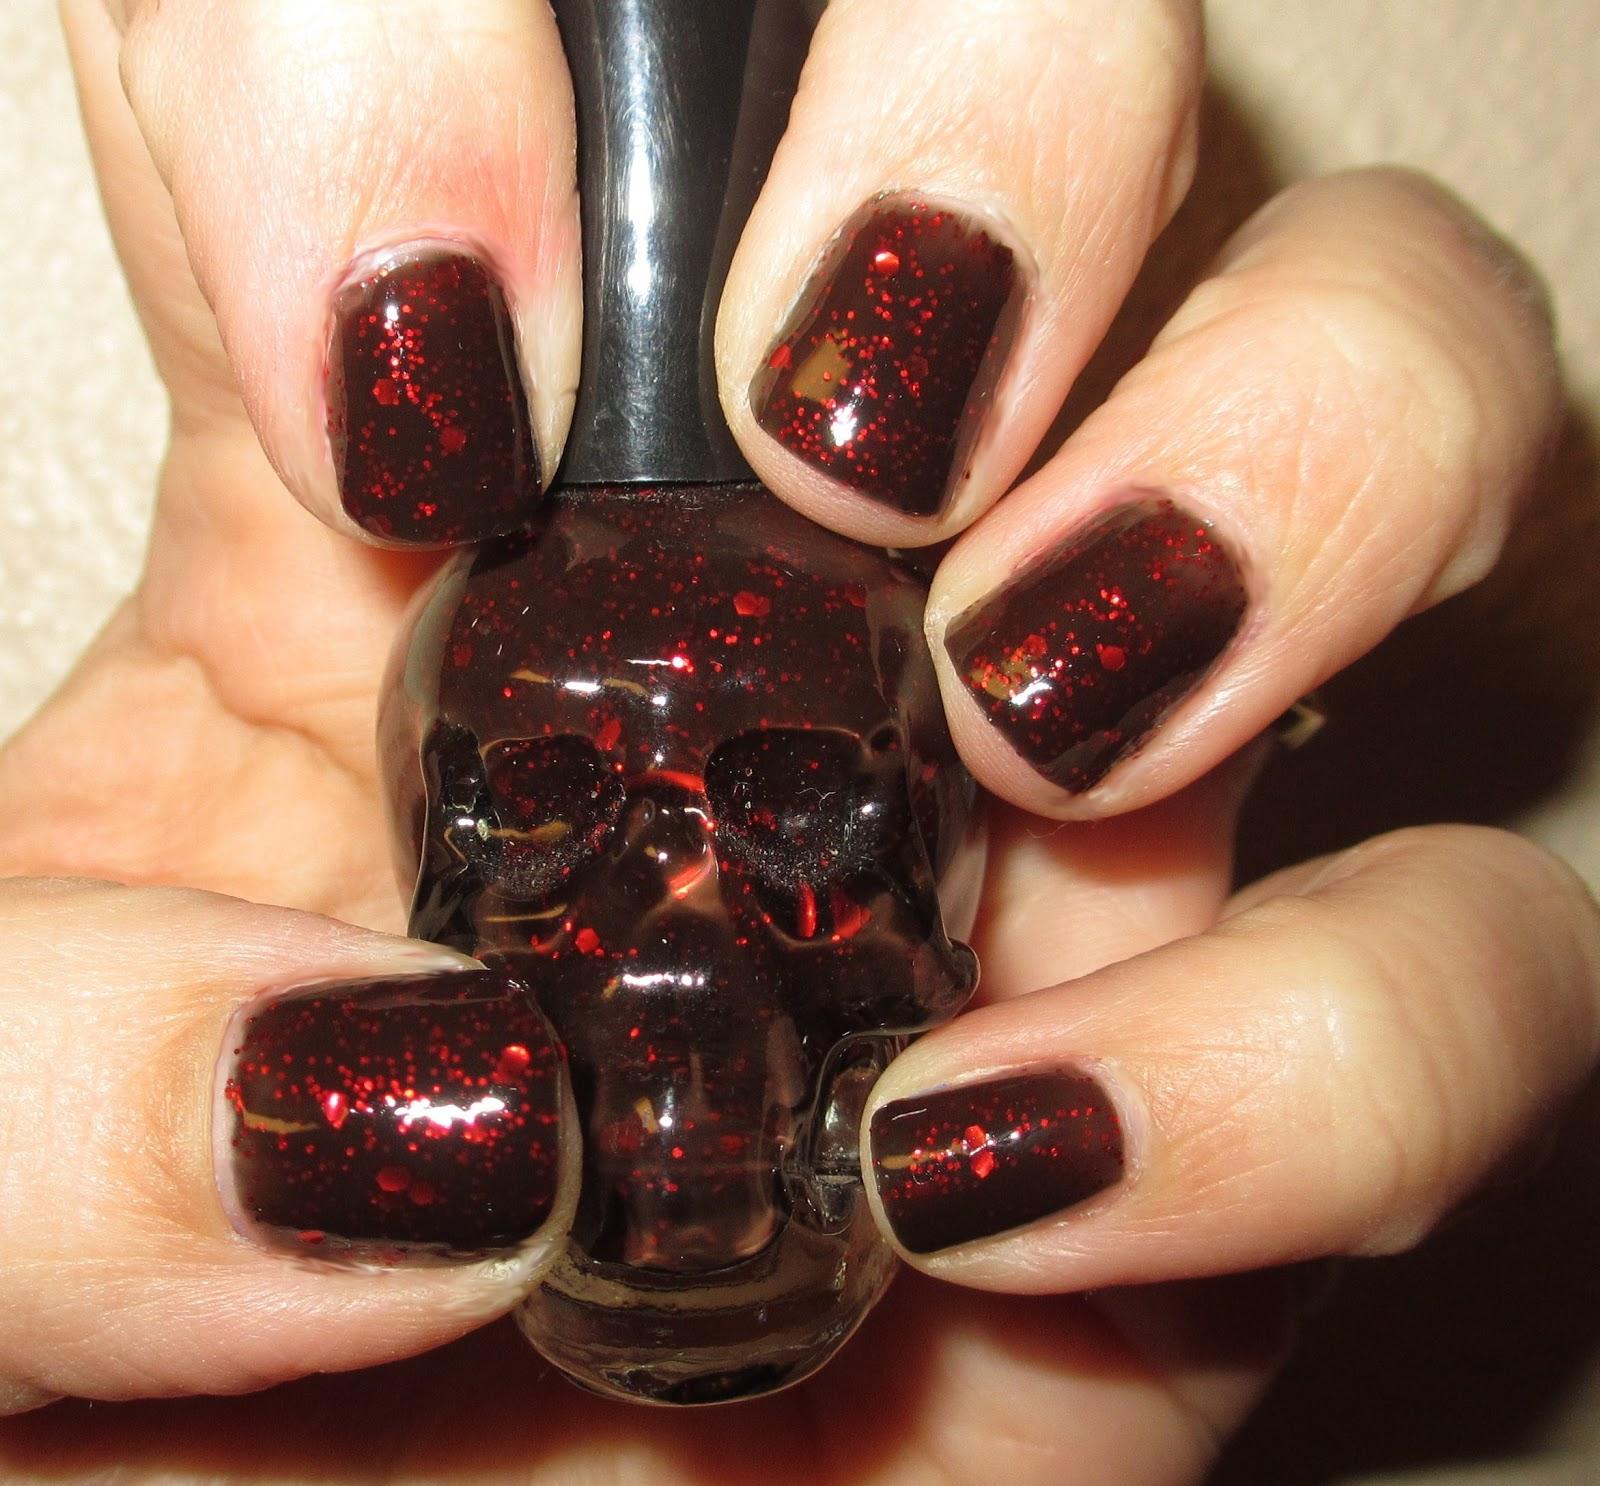 Nail Polish Bottle Cake: Cha Cha Cakes Nails: Blackheart Beautiful Revenge Nail